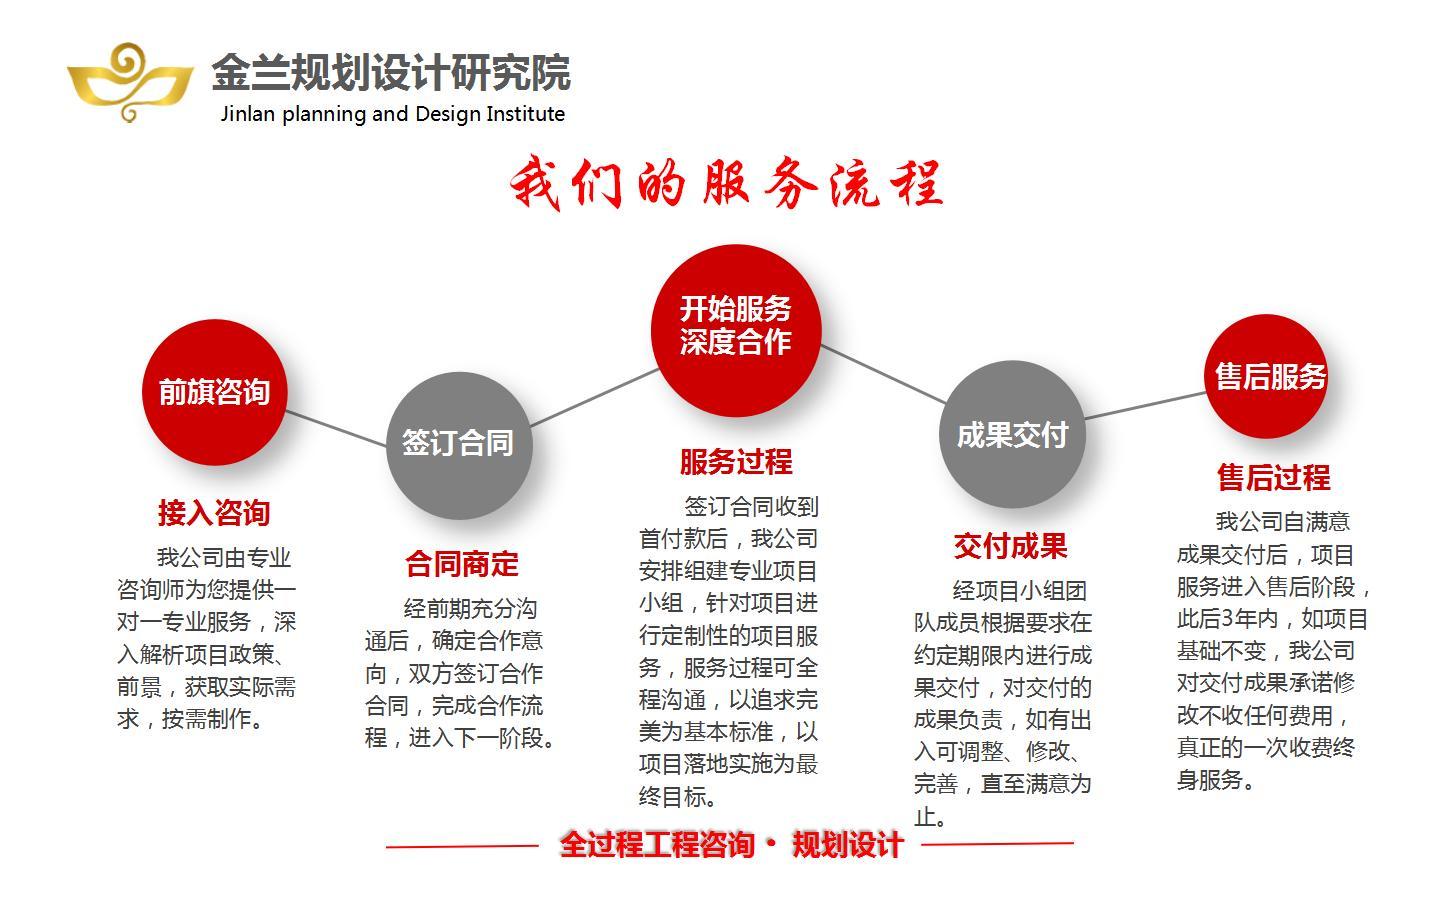 2021年#腾冲代做简版可行性报告公司#修改